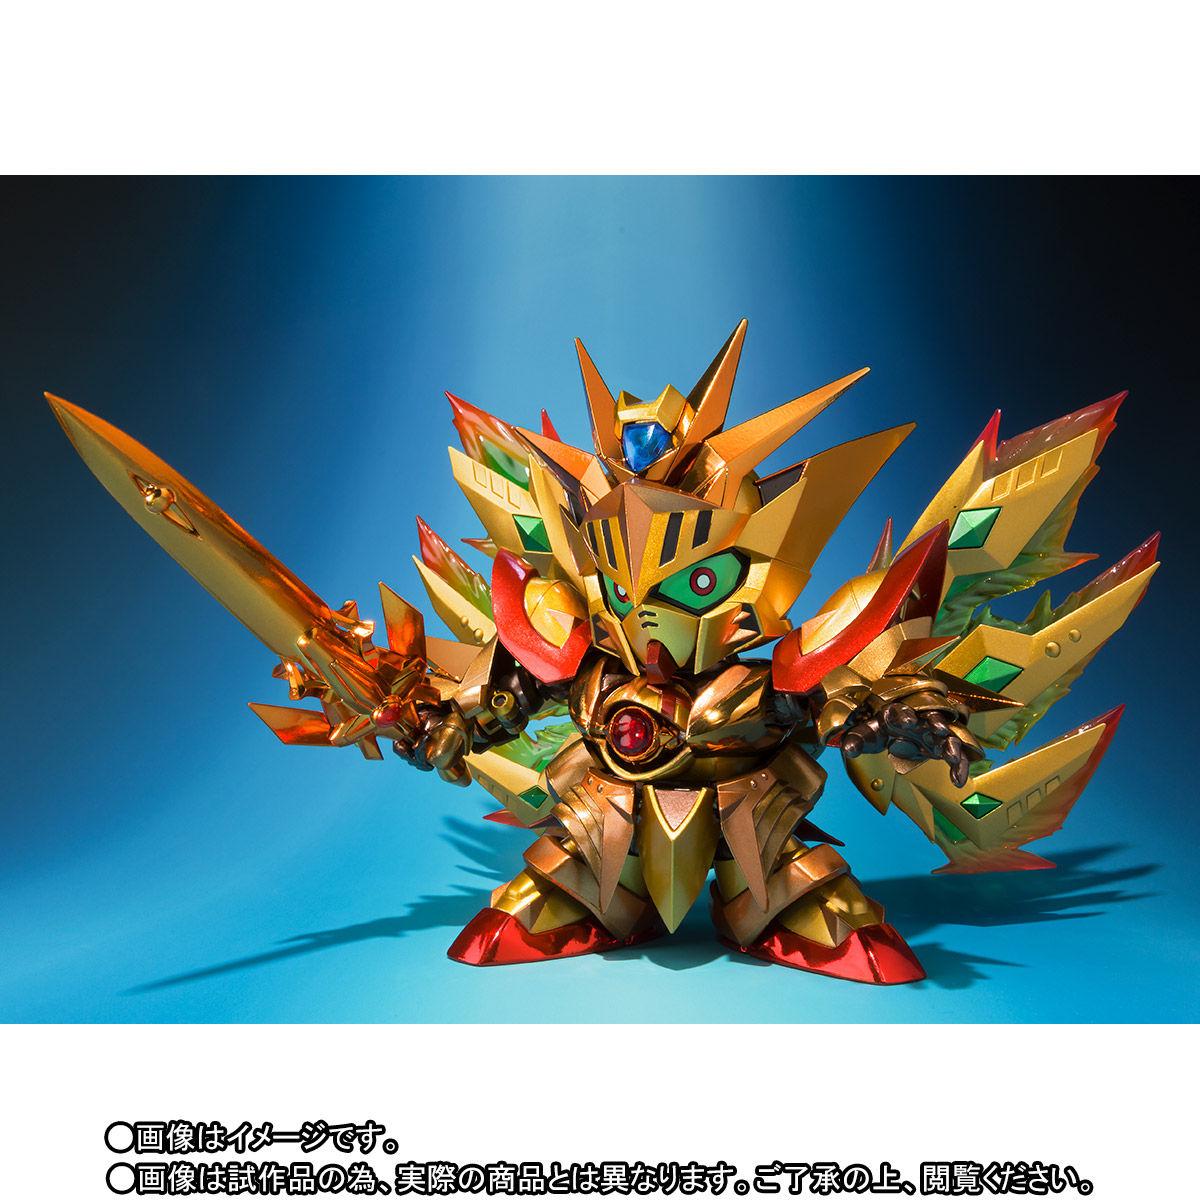 SDX『太陽騎士ゴッドガンダム 明鏡止水ゴールドバージョン』新SDガンダム外伝 可動フィギュア-002